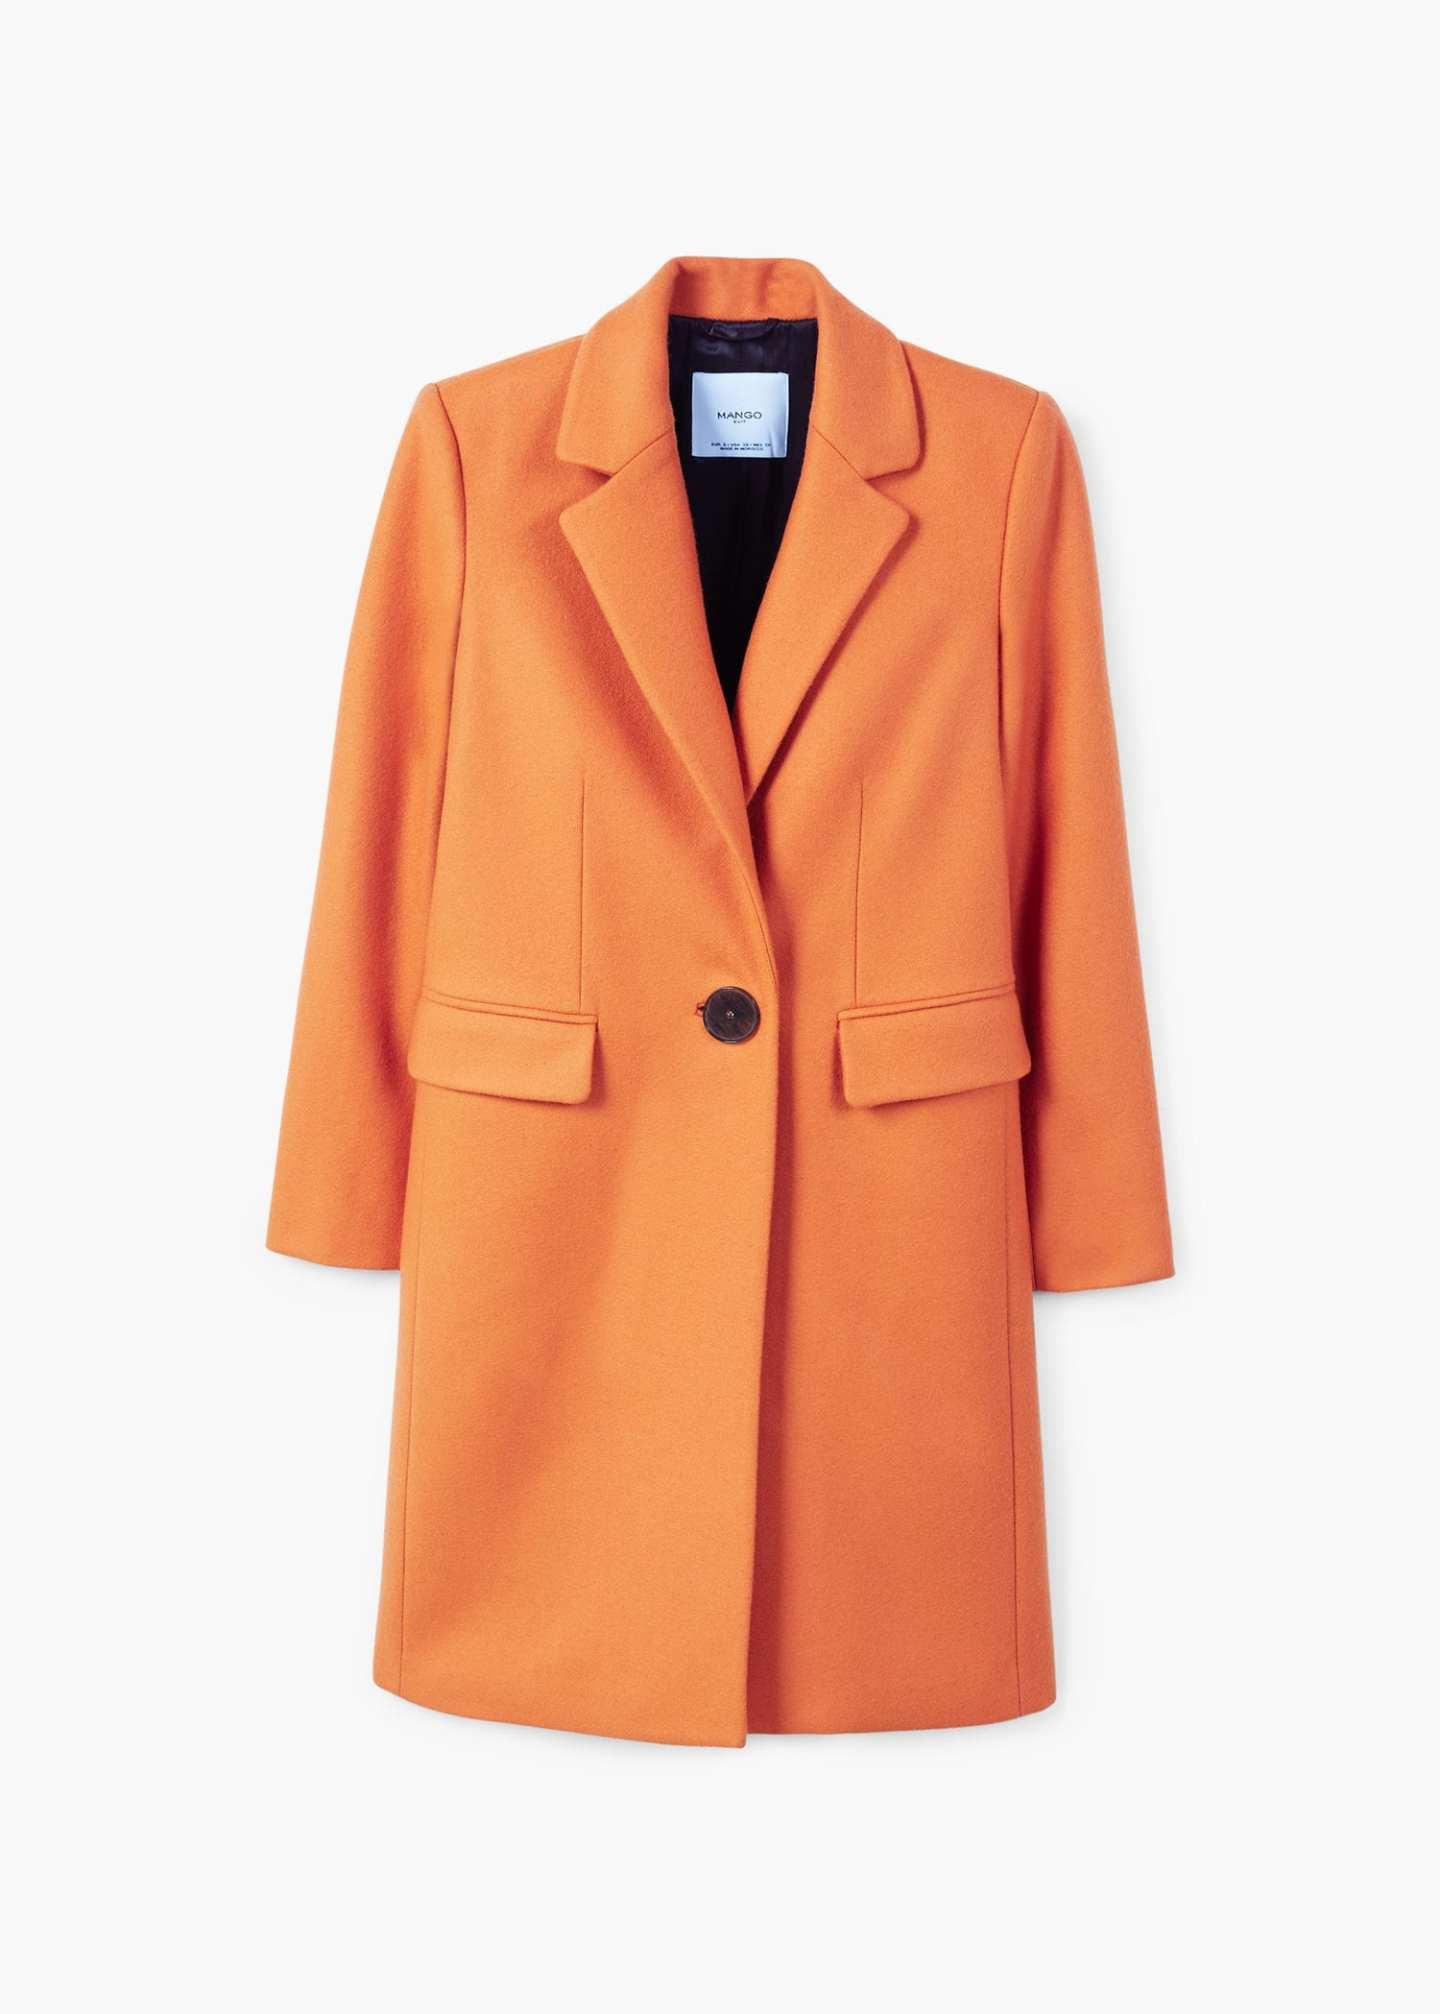 Mango orange coat